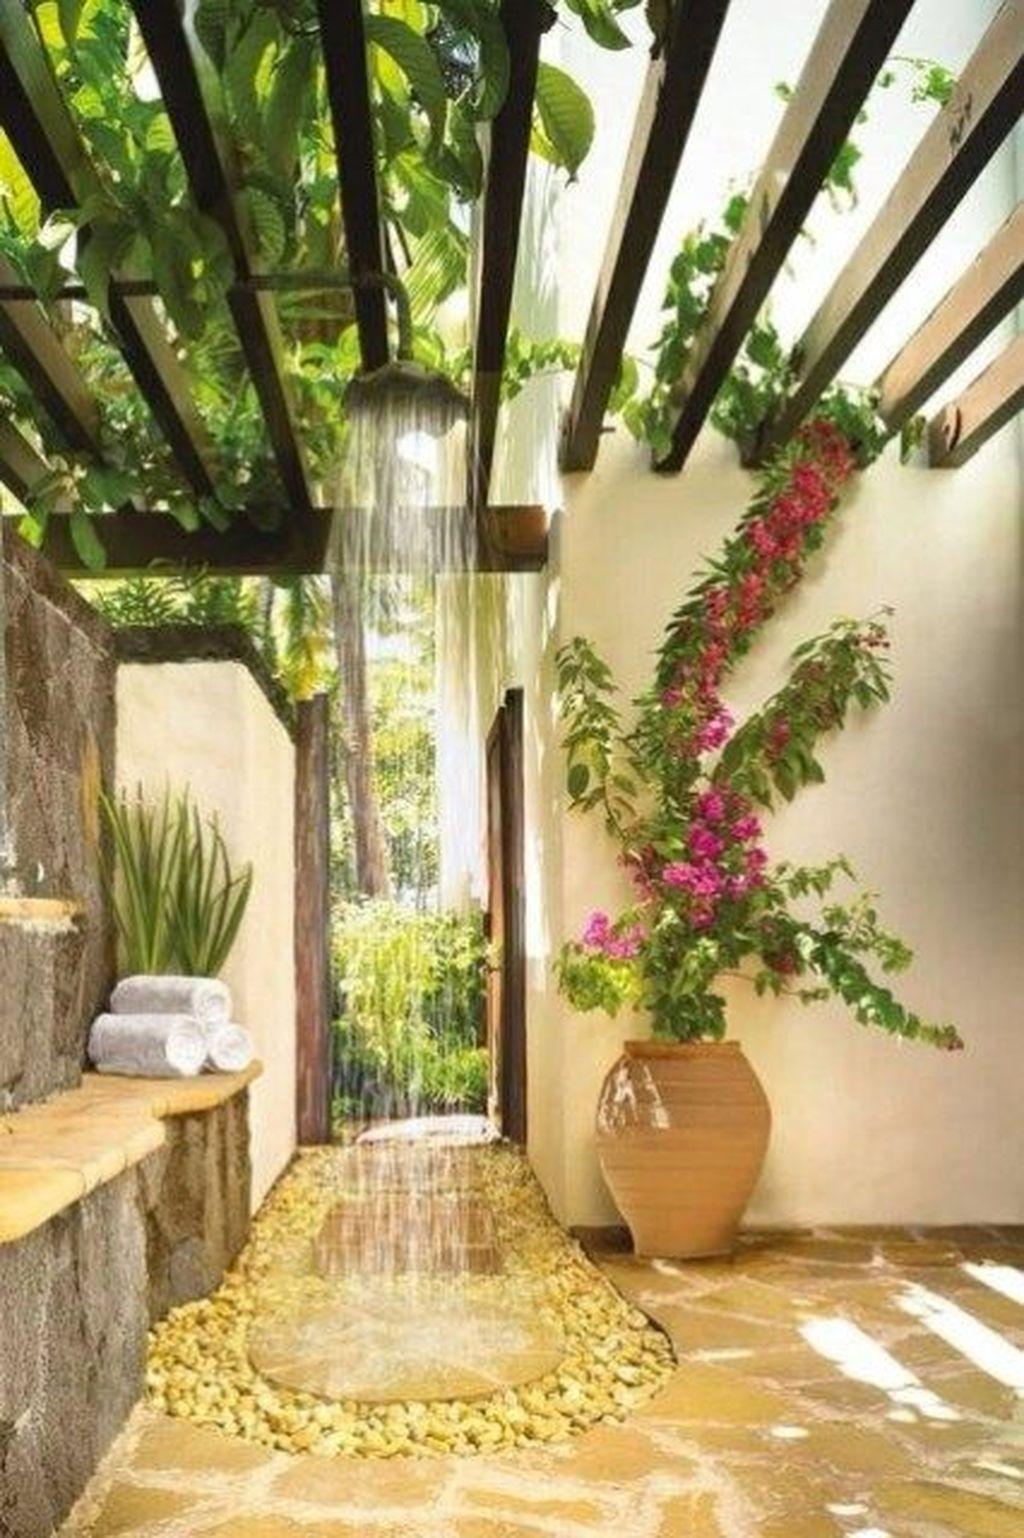 Inspiring Jungle Bathroom Decor Ideas 28